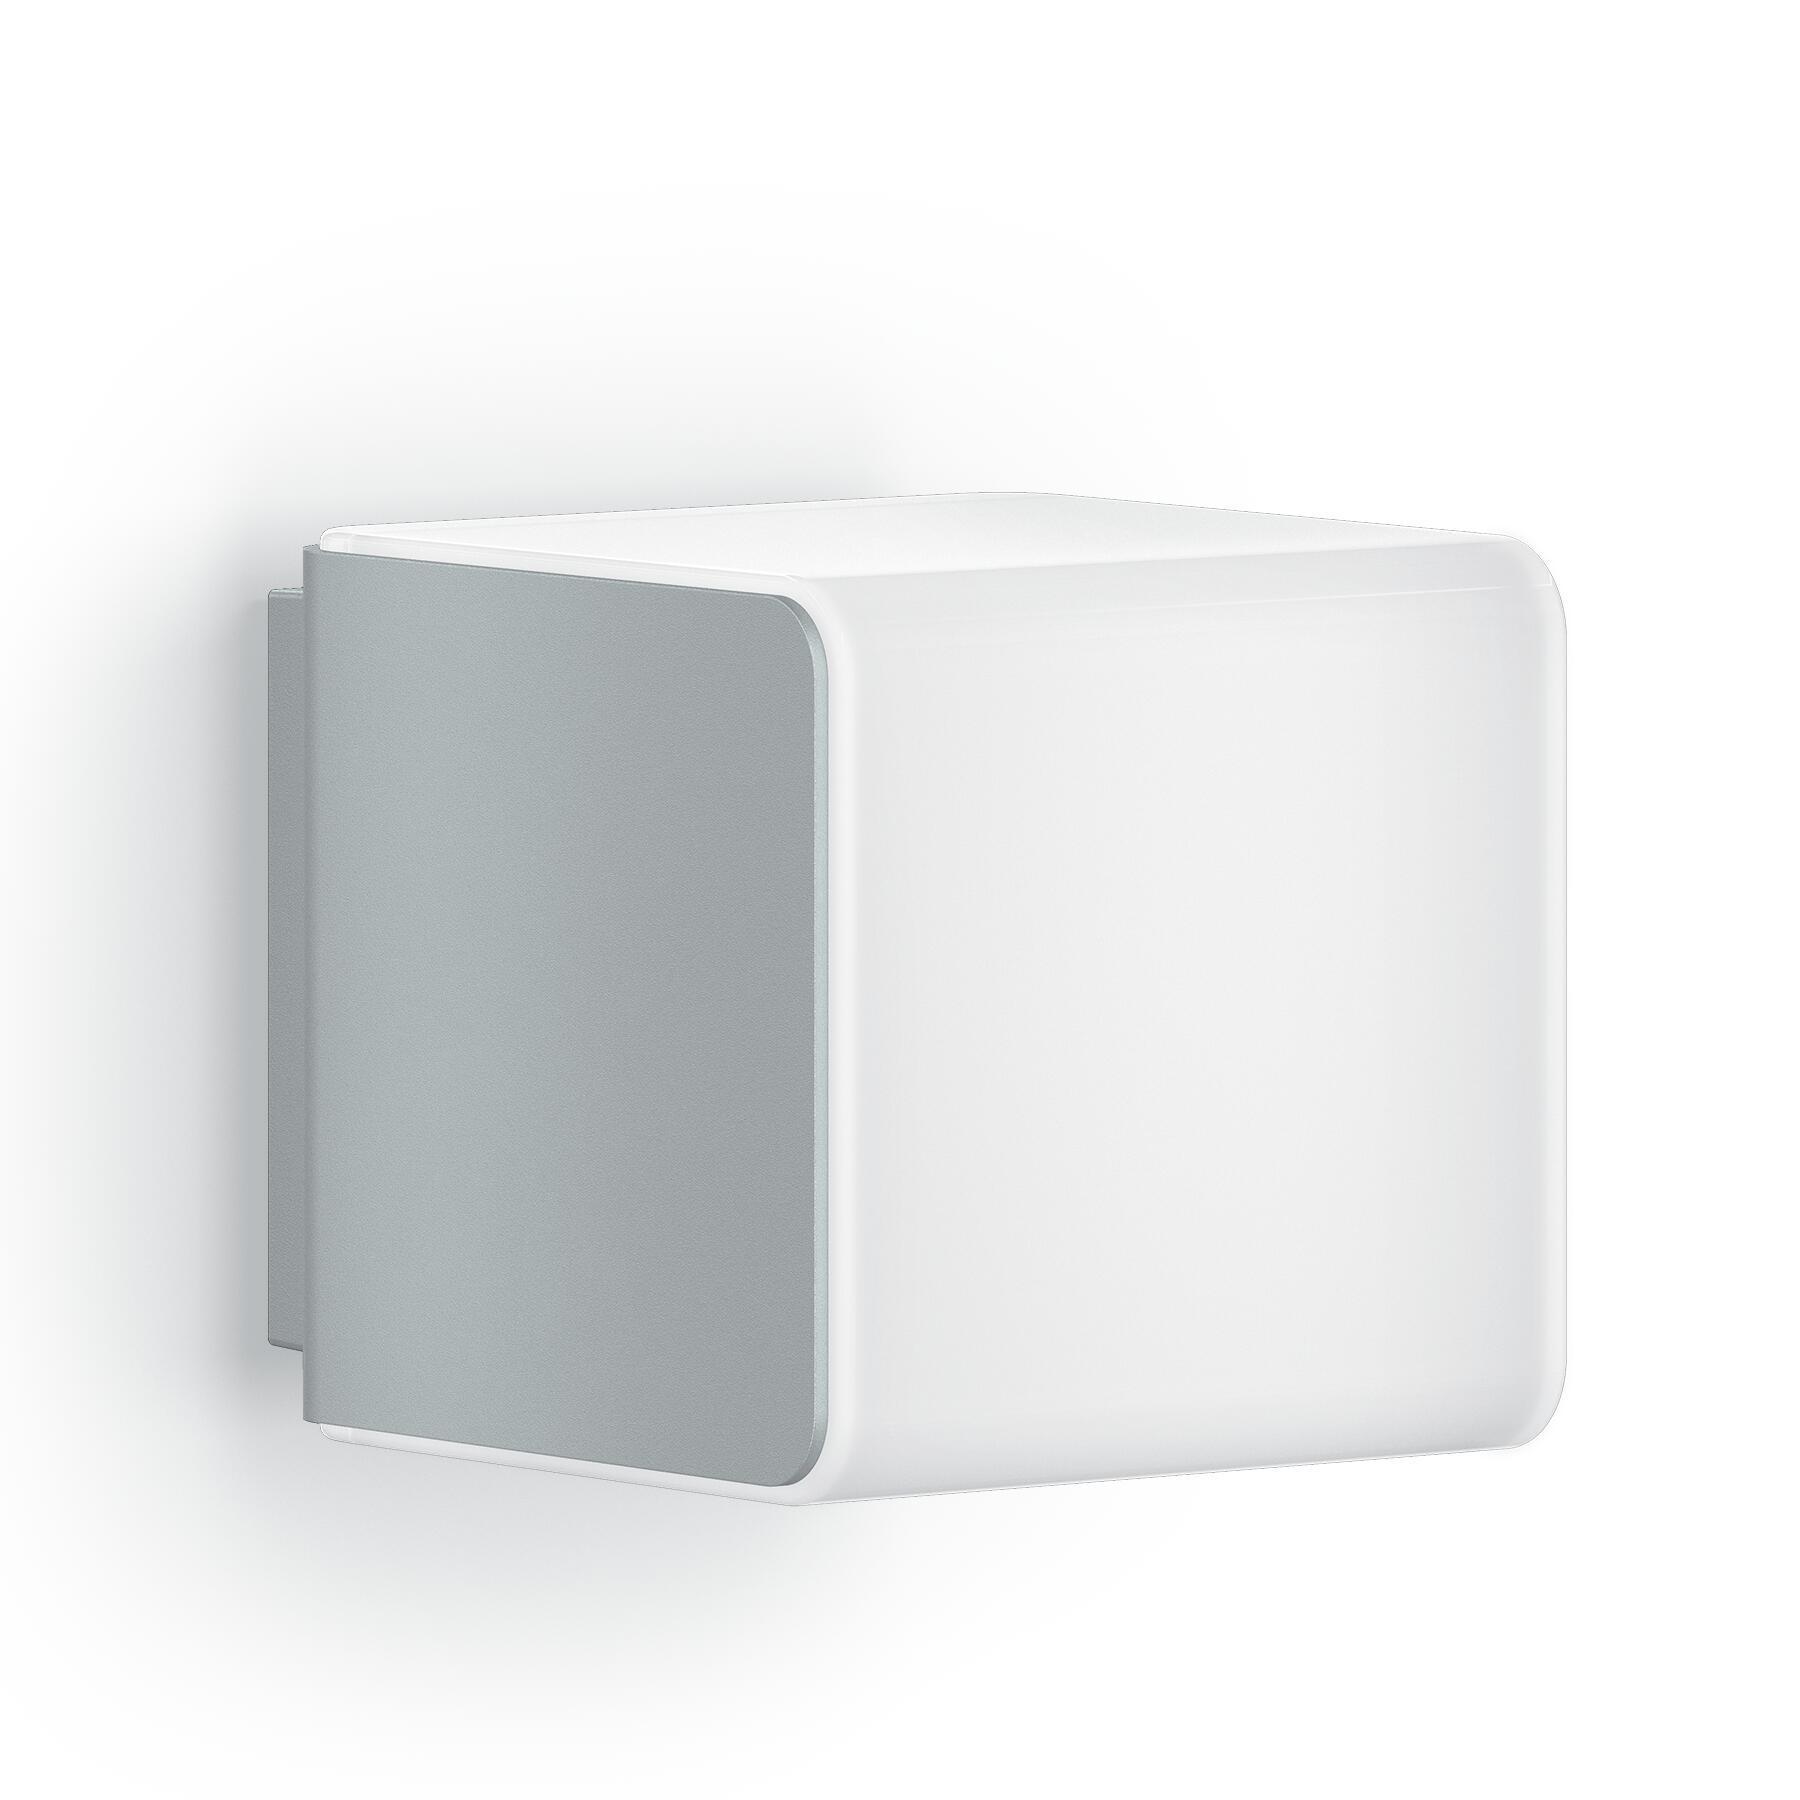 Applique L 830 LED integrato con sensore di movimento, grigio, 9.5W 502LM IP44 STEINEL - 2